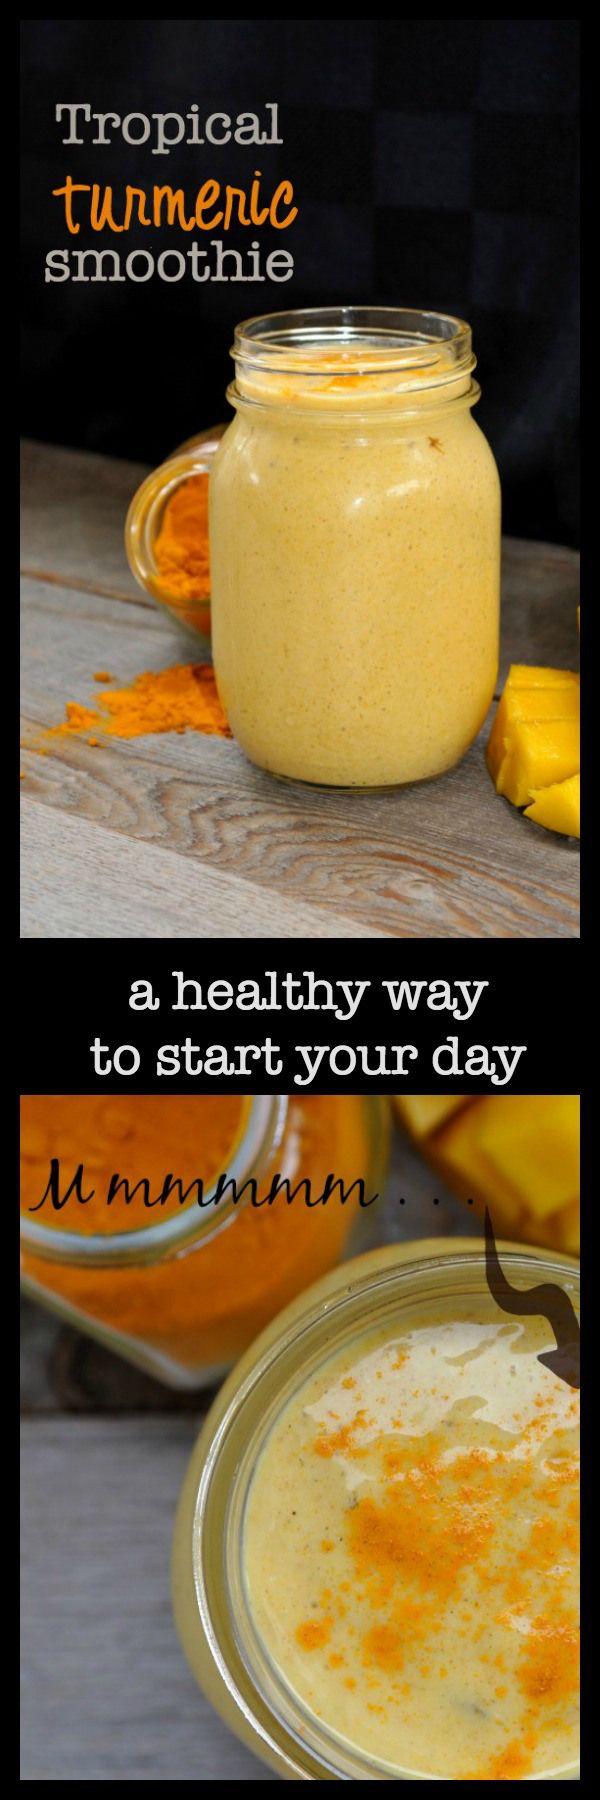 Tropical Turmeric Smoothie |www.flavourandsavour.com